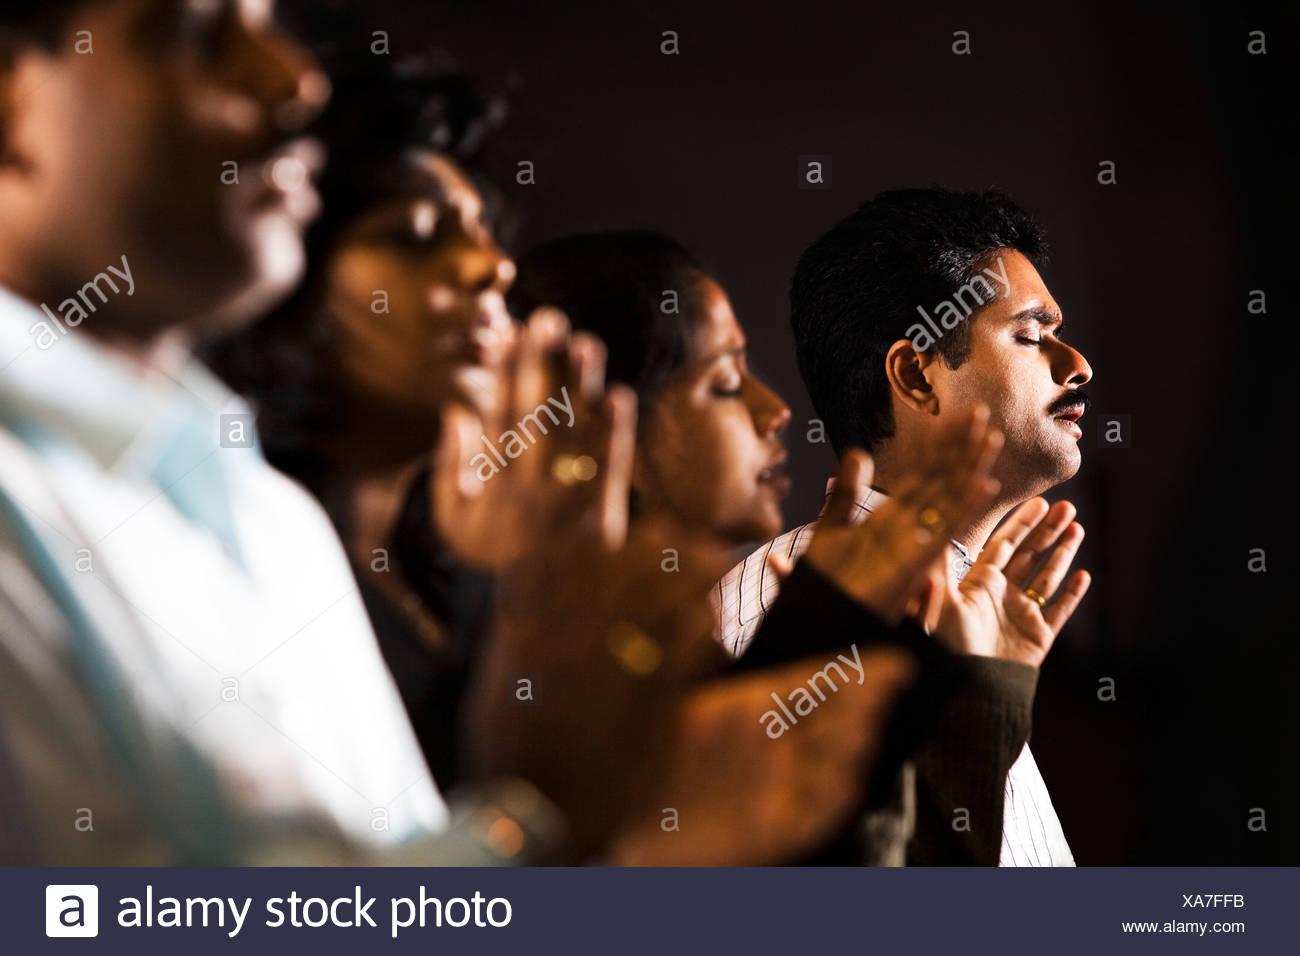 Group praying - Stock Image